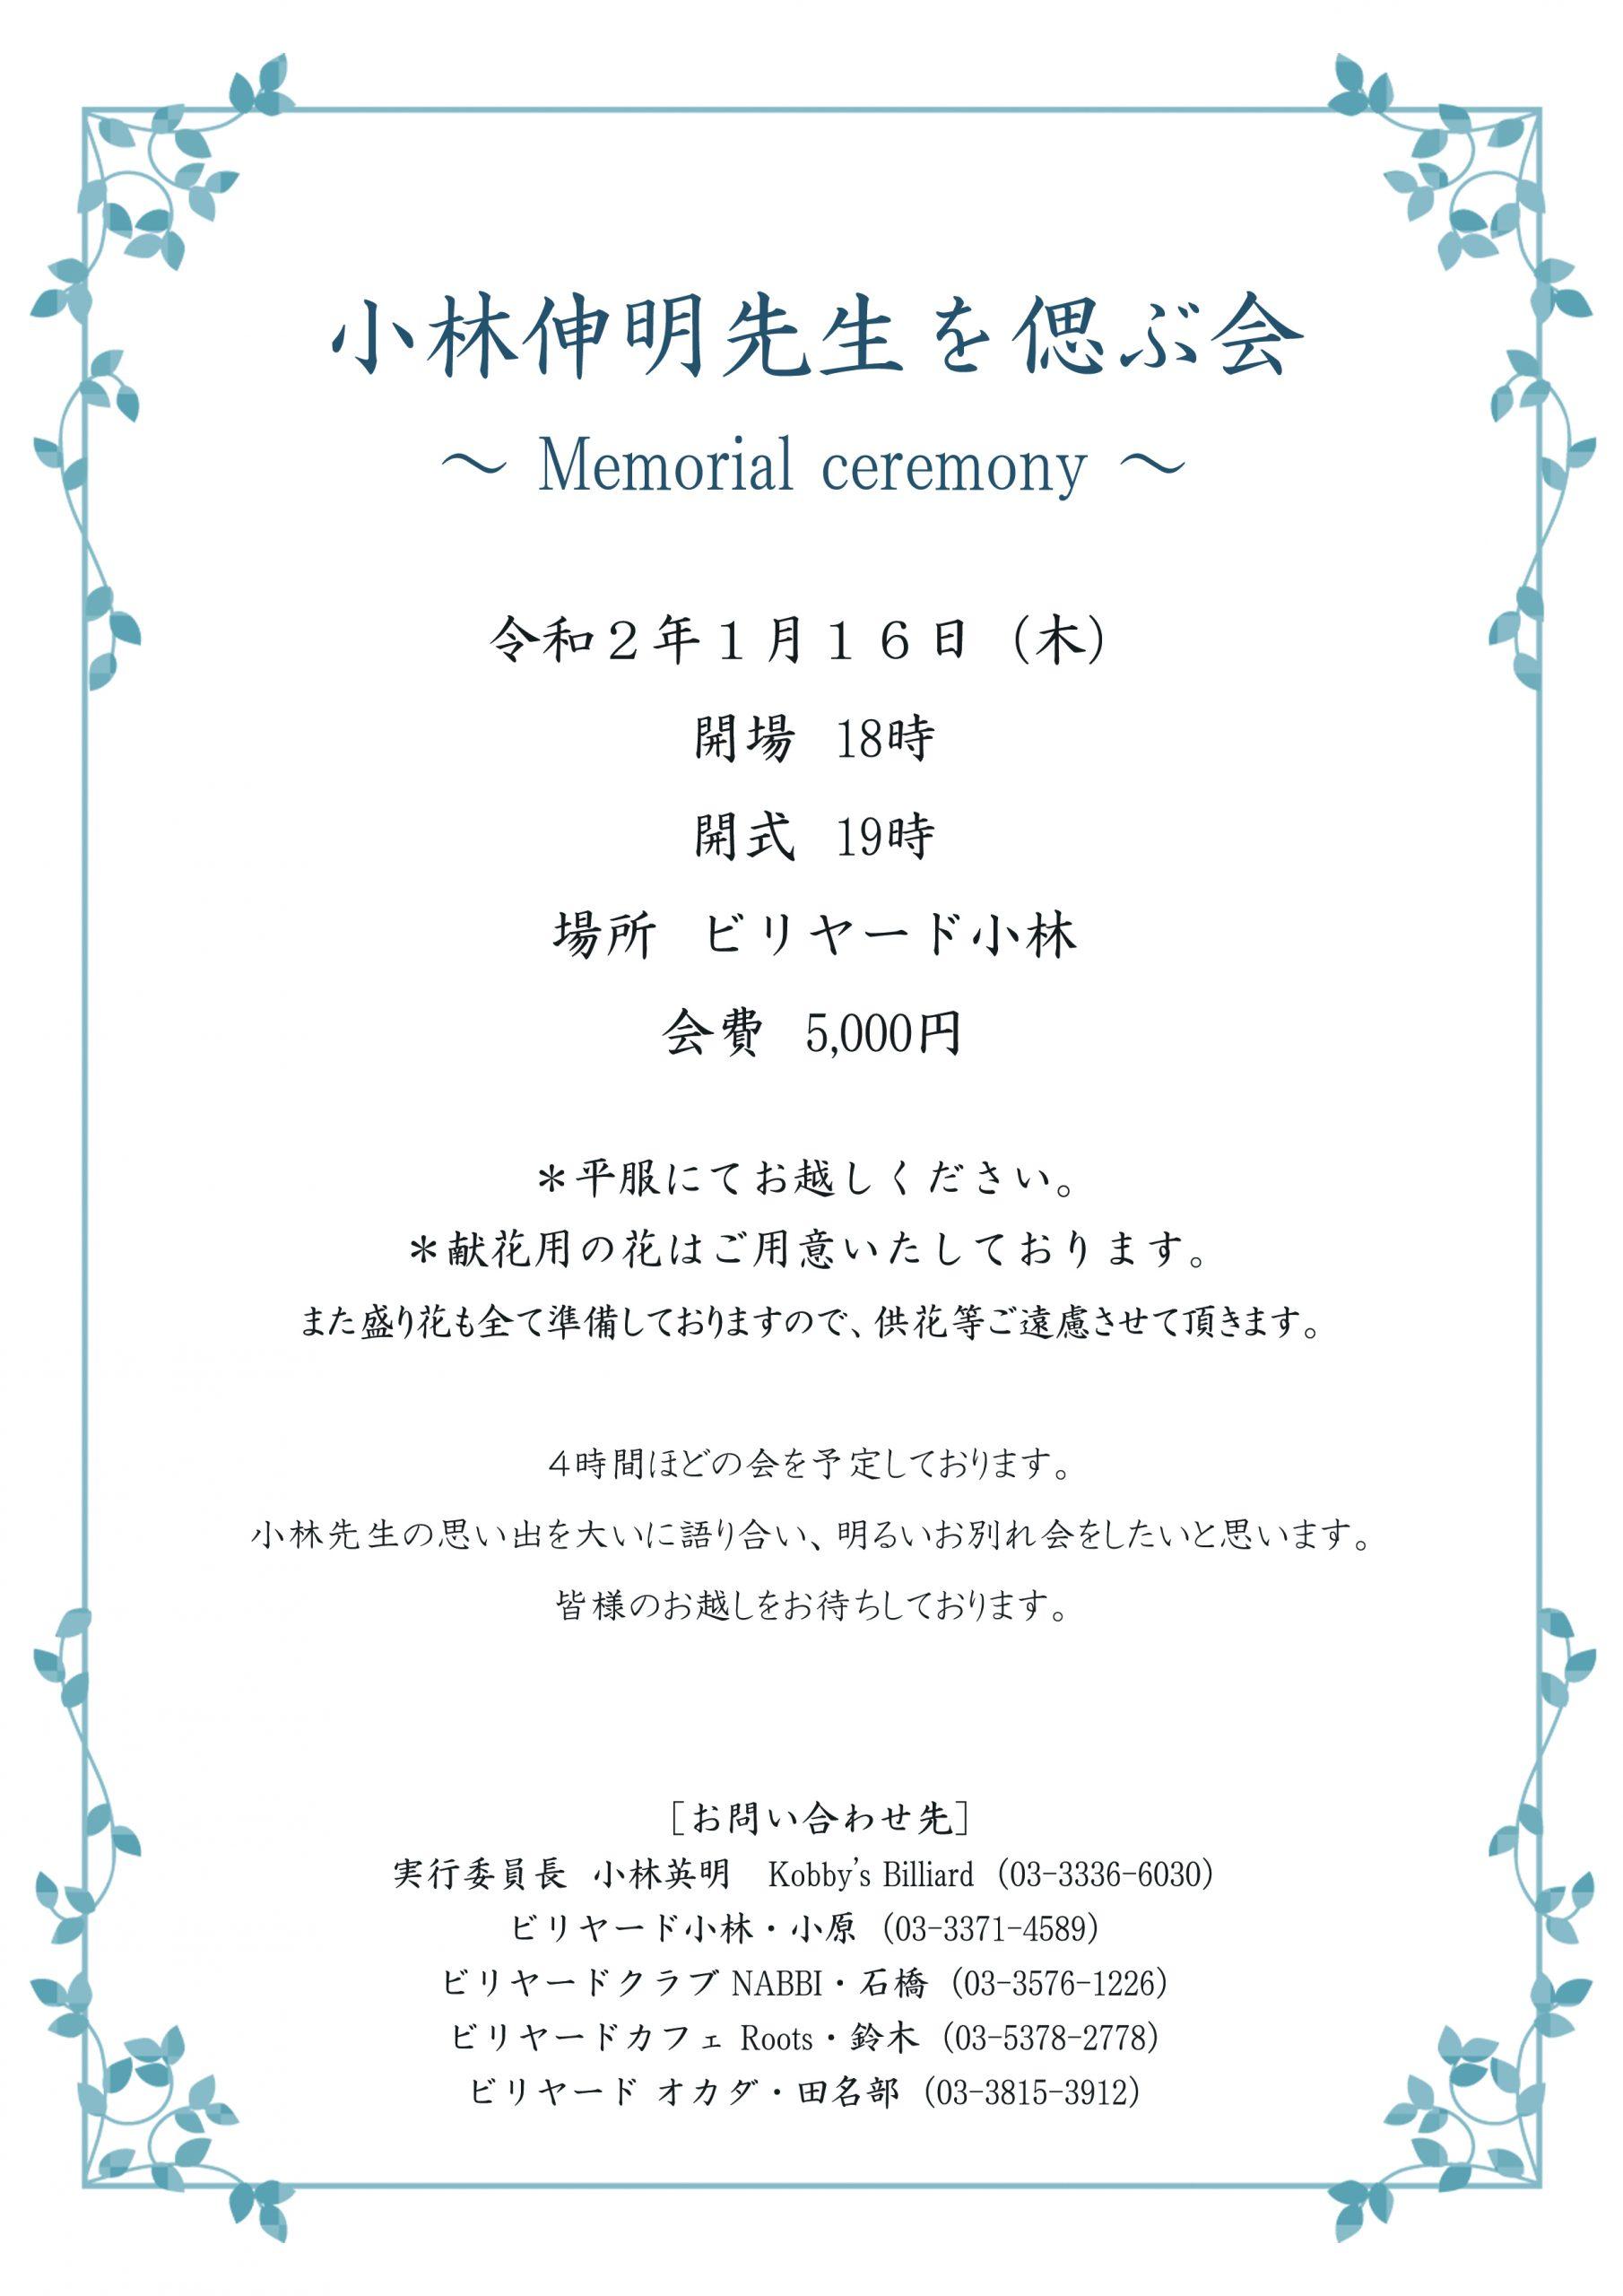 小林伸明先生を偲ぶ会のご報告 | 日本プロビリヤード連盟